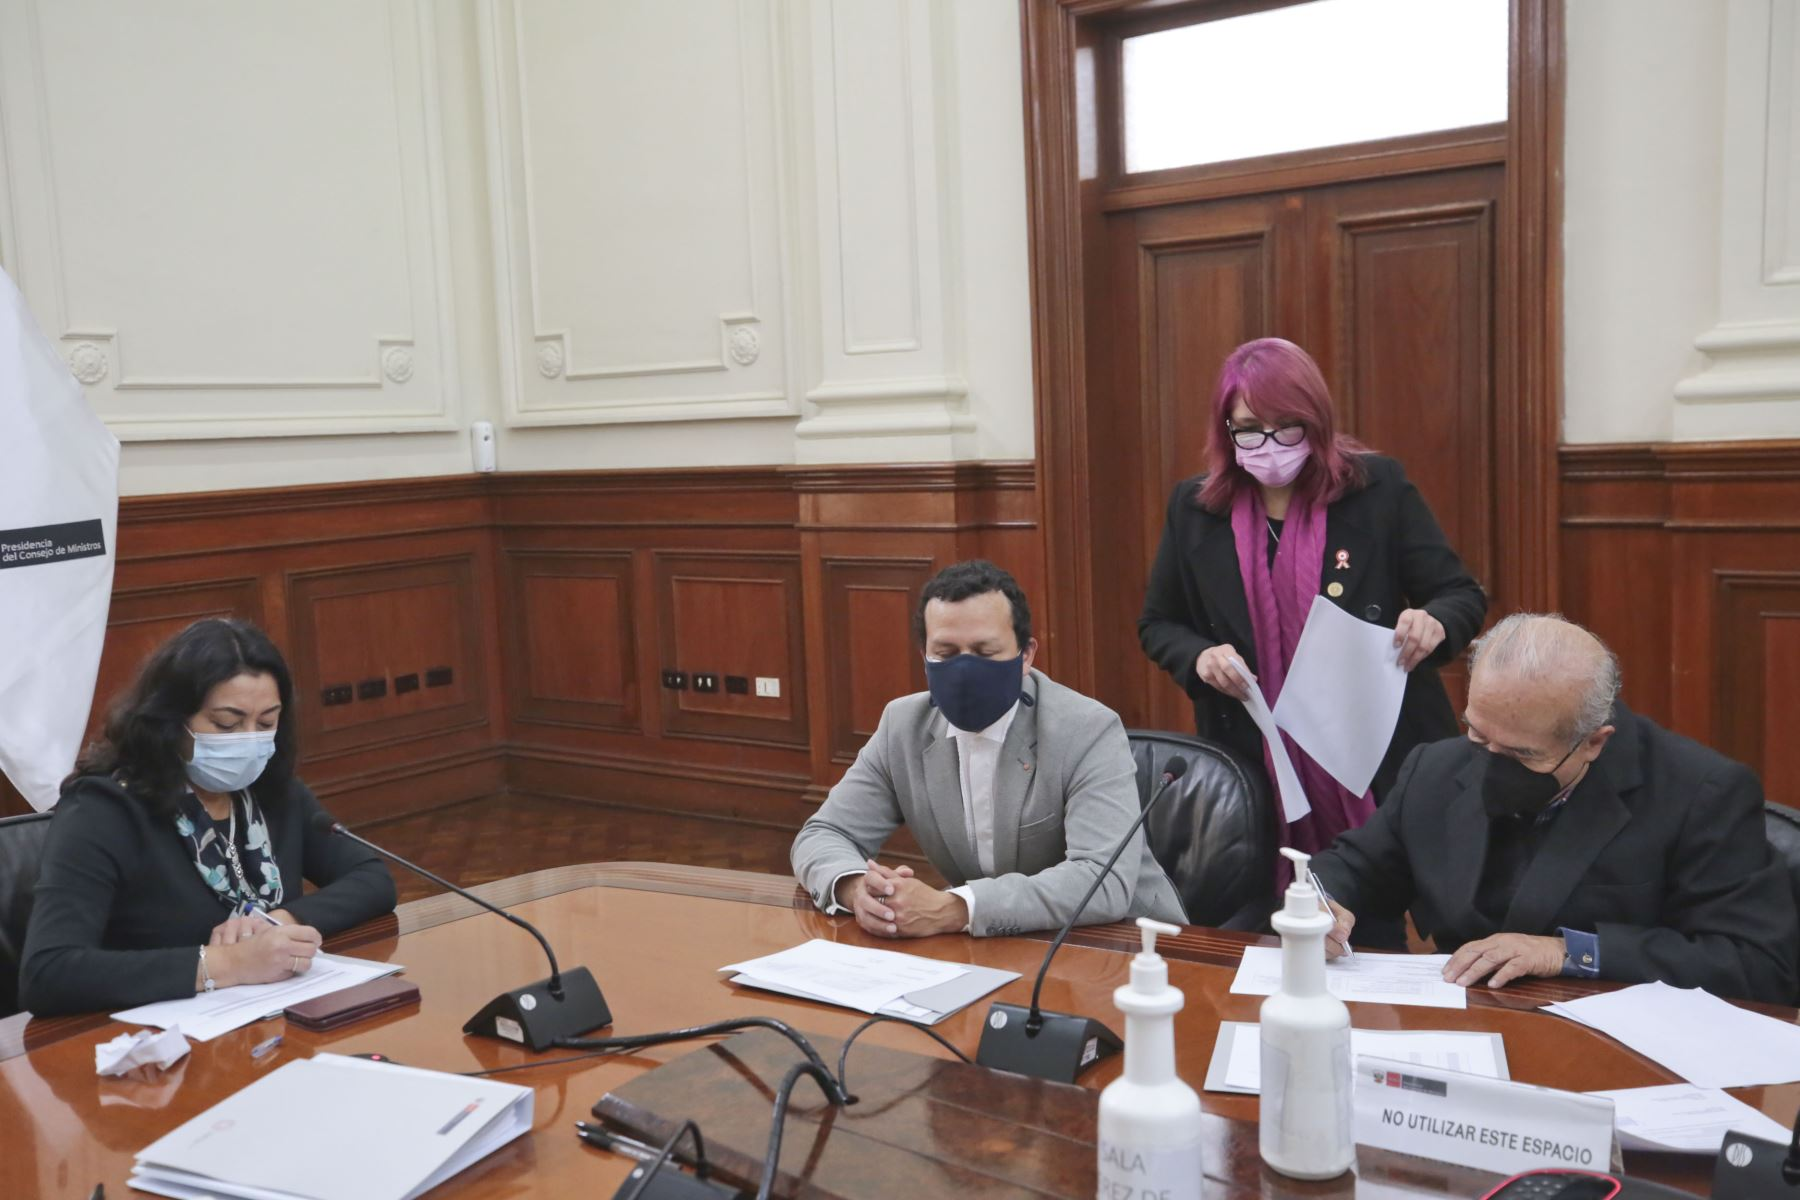 La presidenta del Consejo de Ministros, Violeta Bermúdez, participa en la sesión de instalación de la comisión de transferencia. Foto: PCM